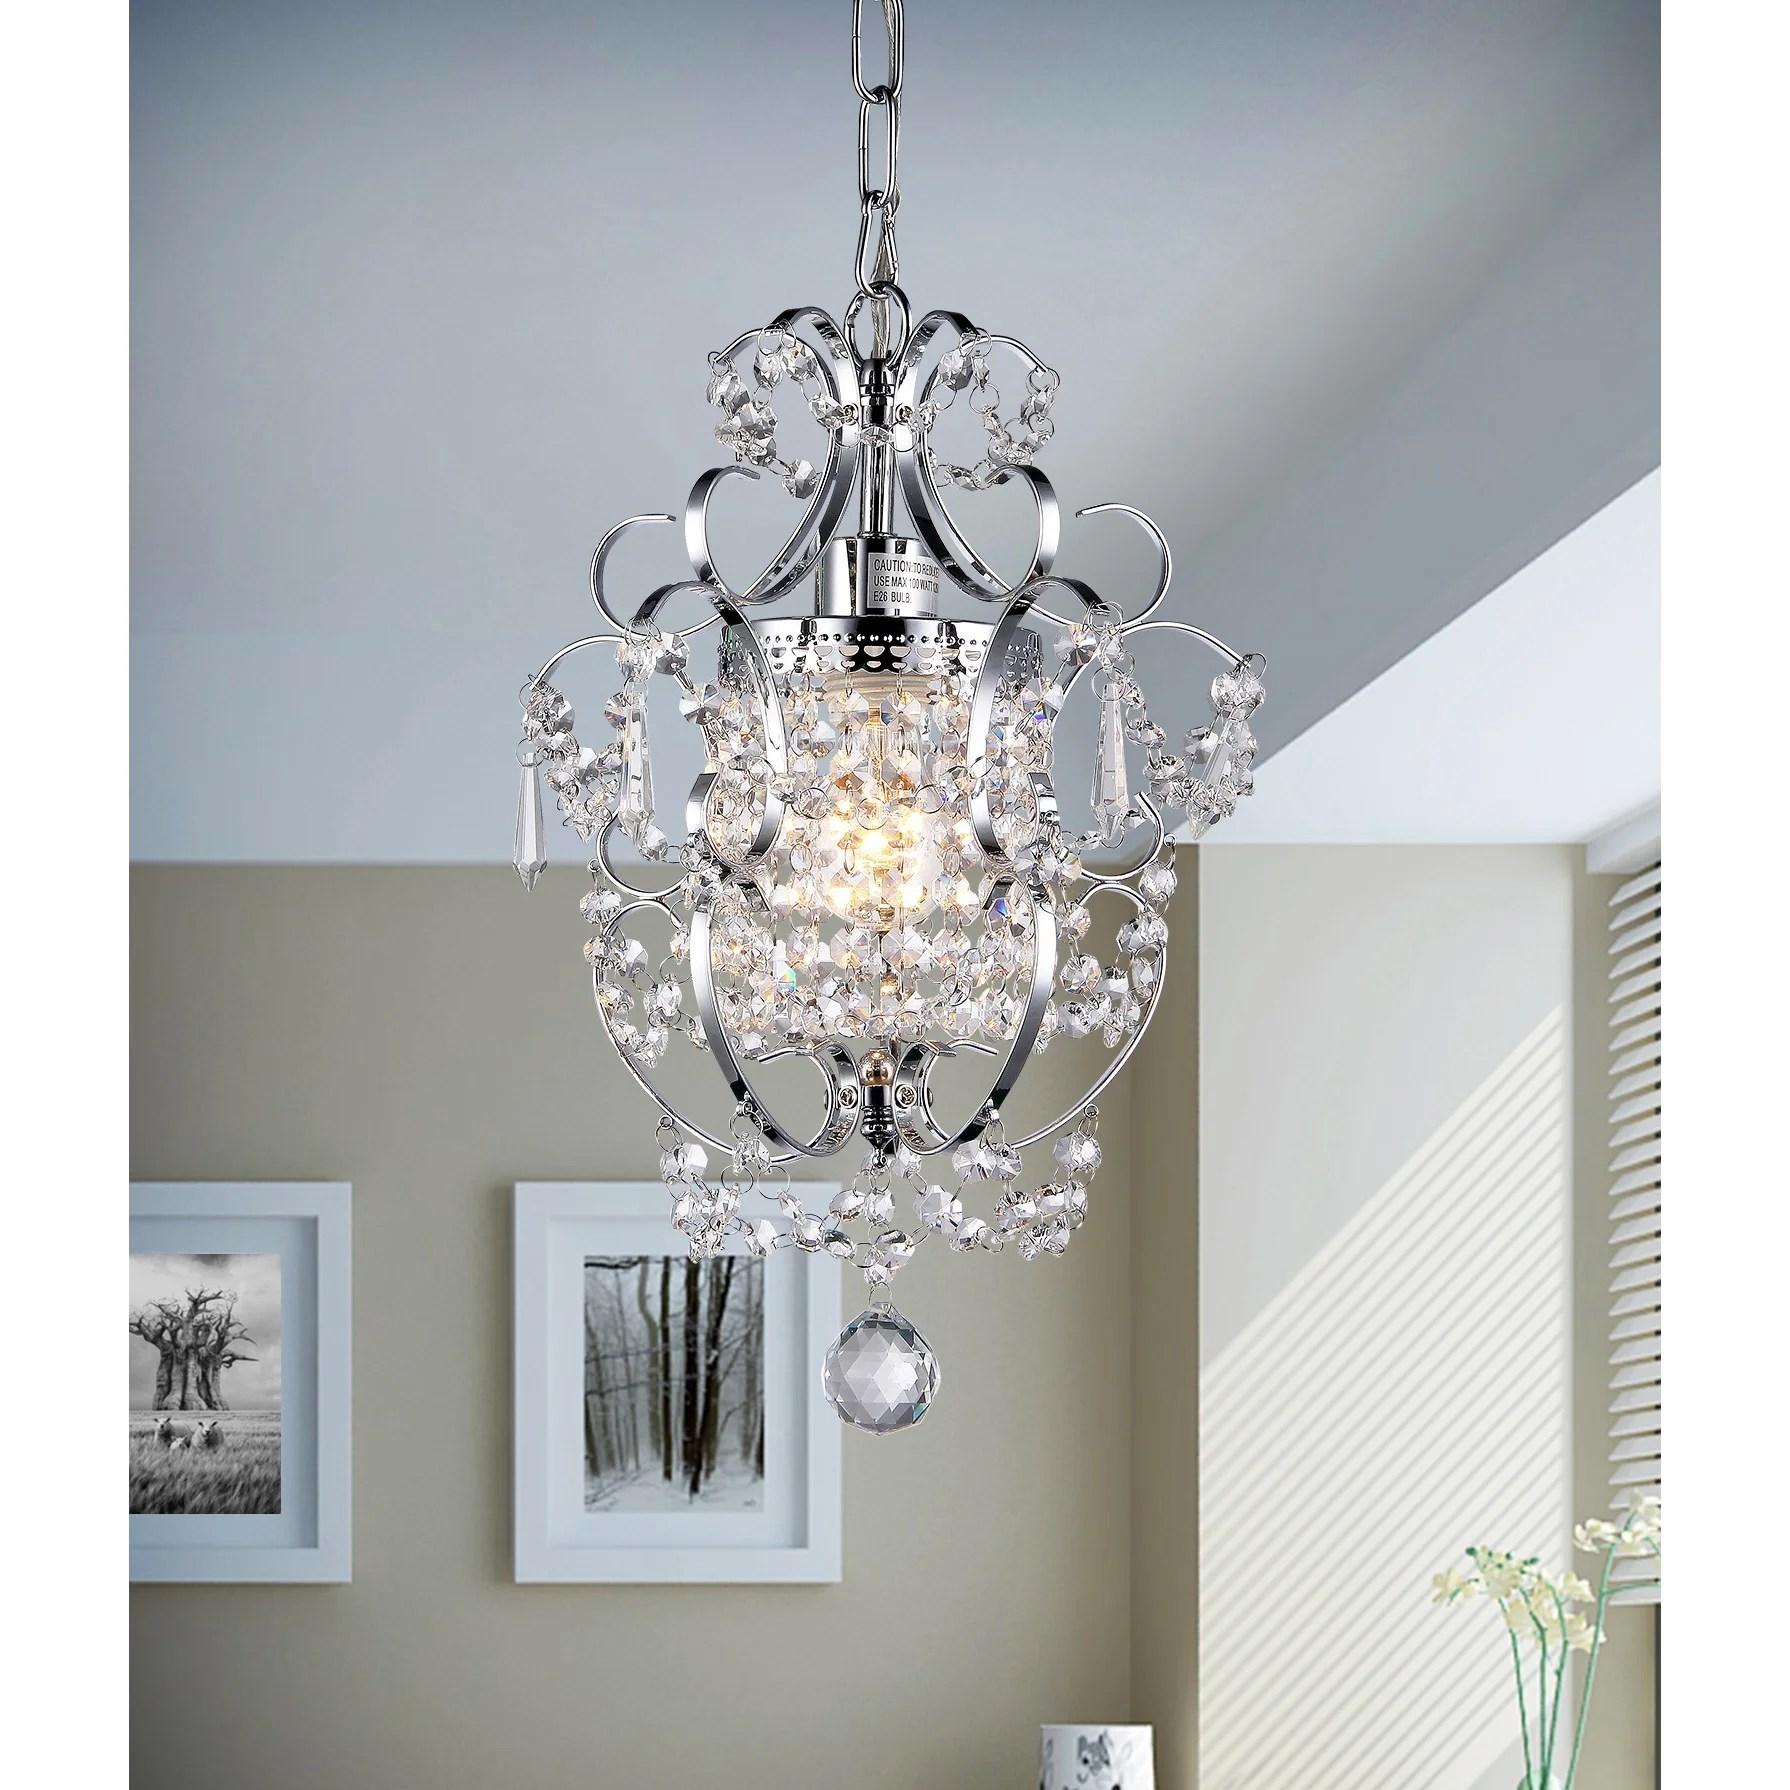 chandeliers c kitchen chandelier lighting Renee 1 Light Crystal Chandelier